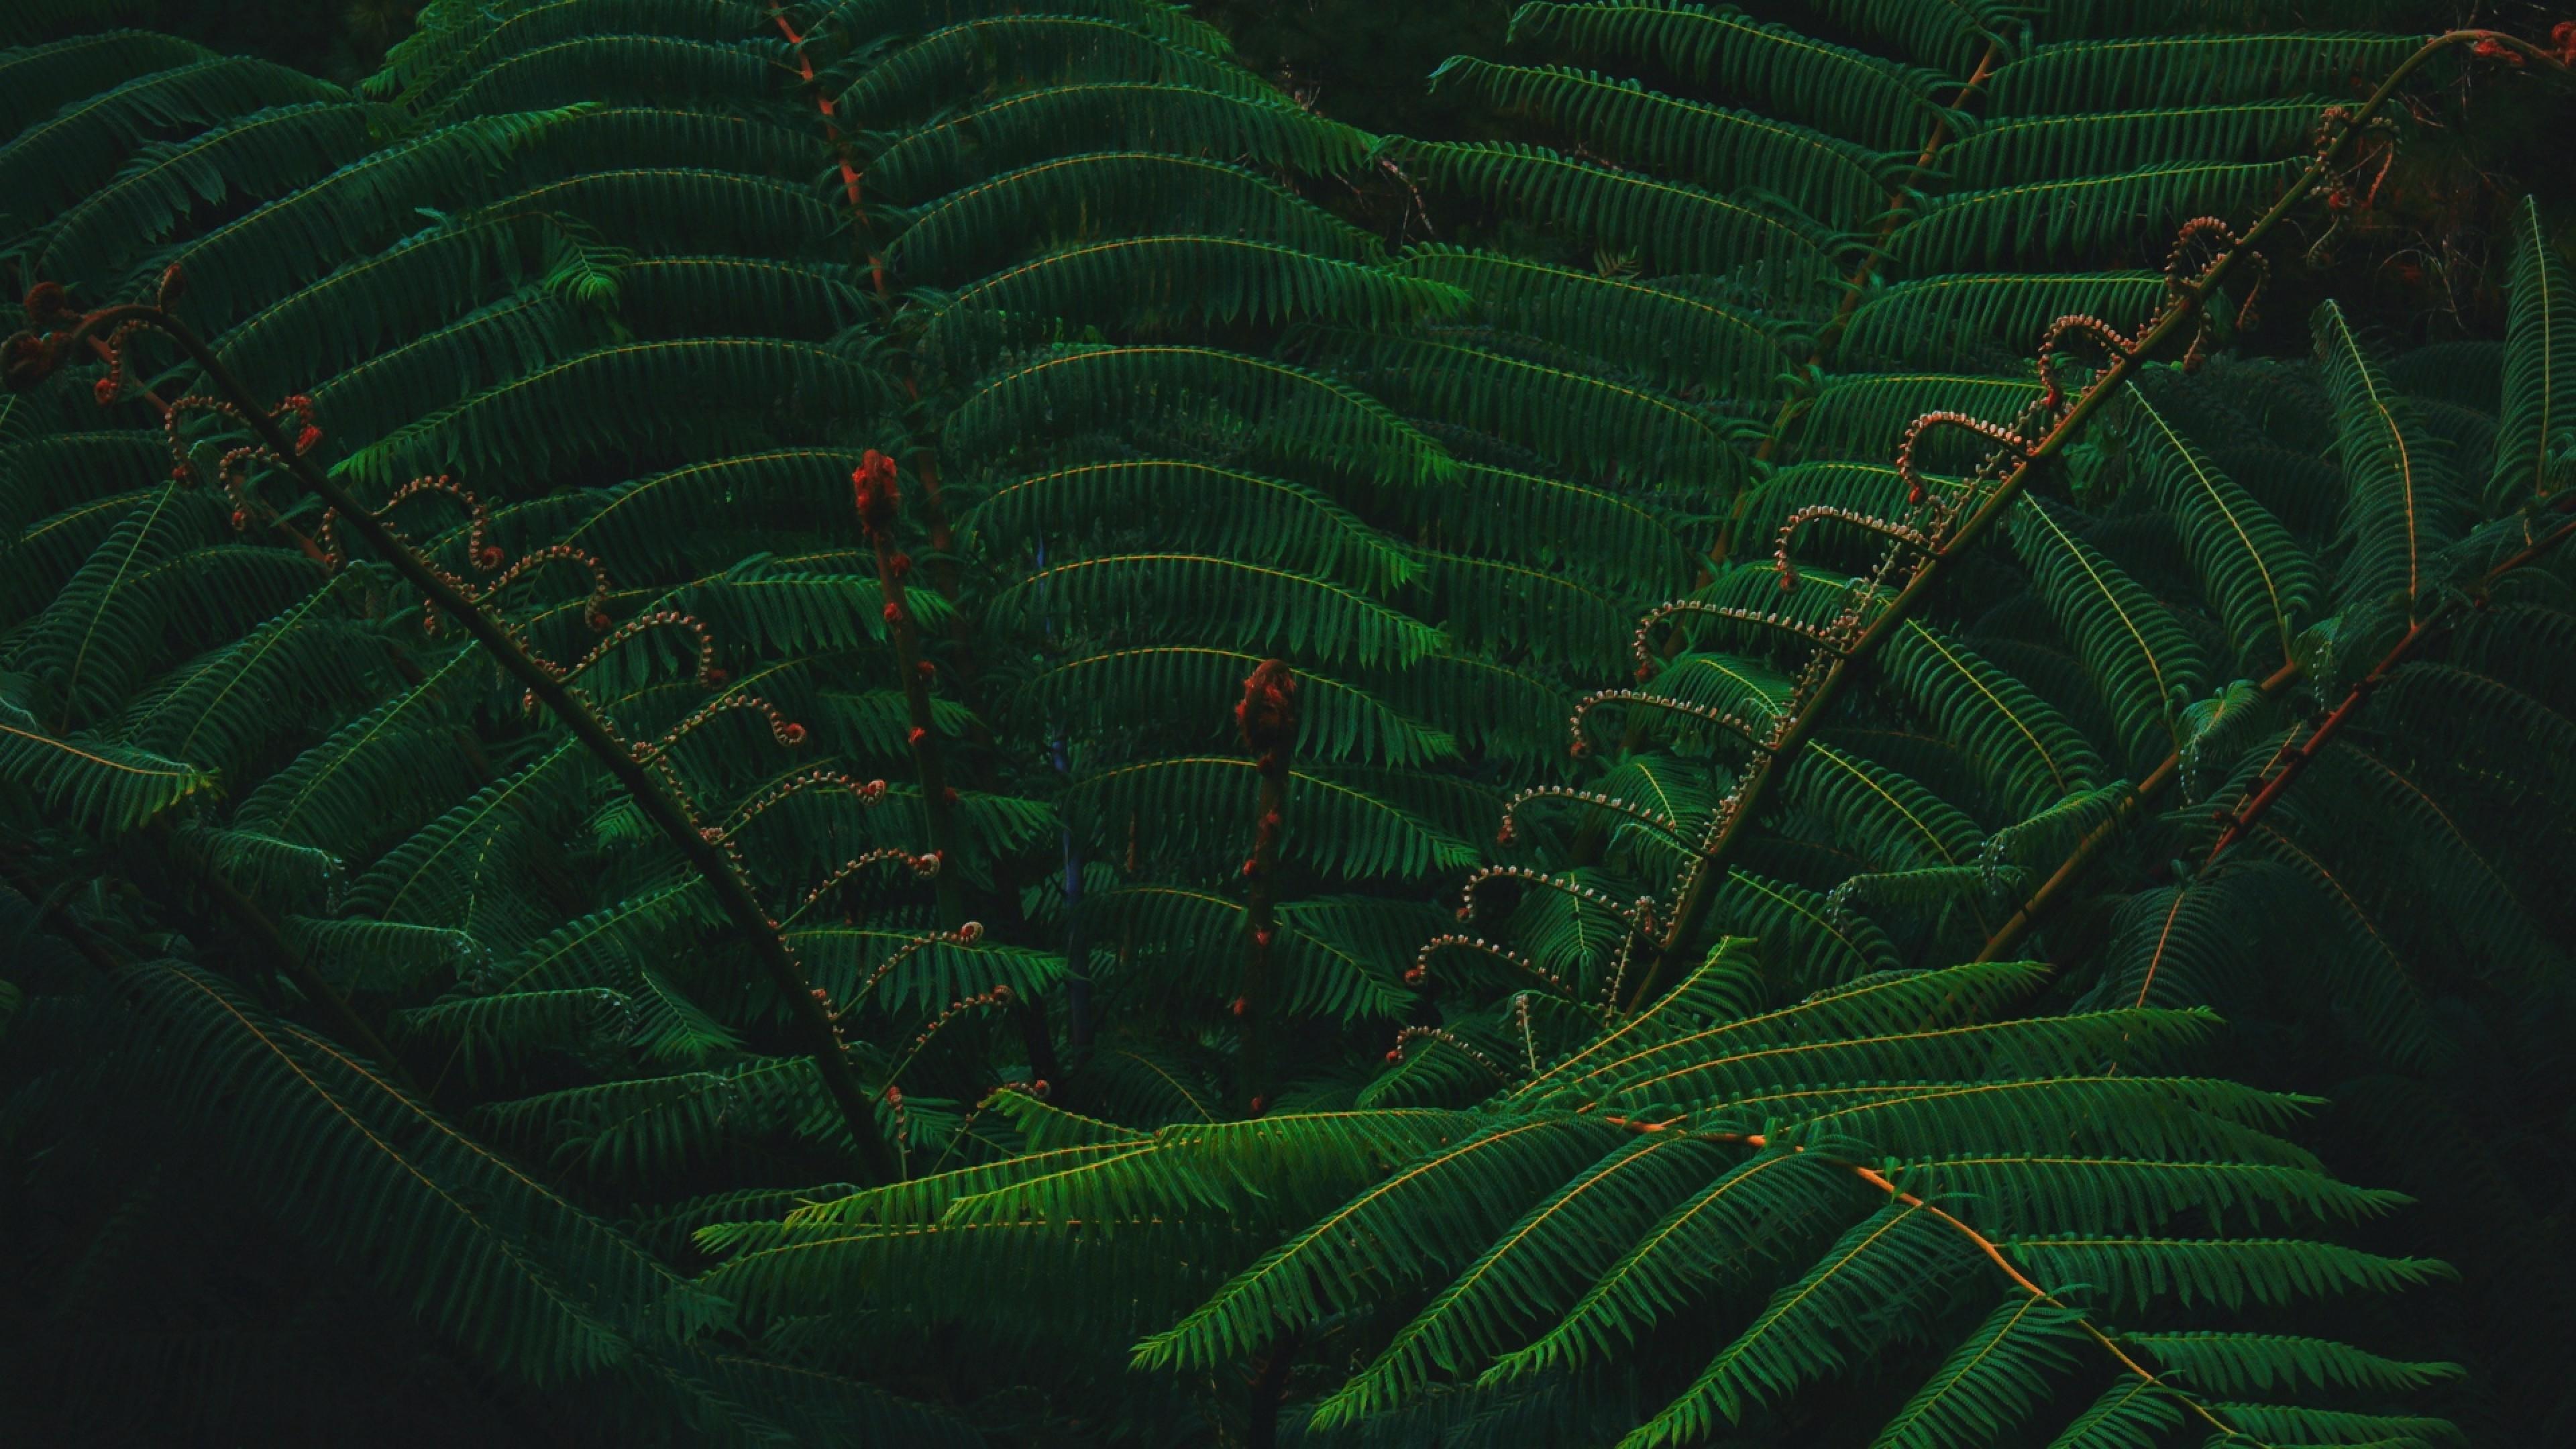 Branch Of Green Tree Leaves Hd Wallpaper 4k Ultra Hd Hd Wallpaper Wallpapers Net